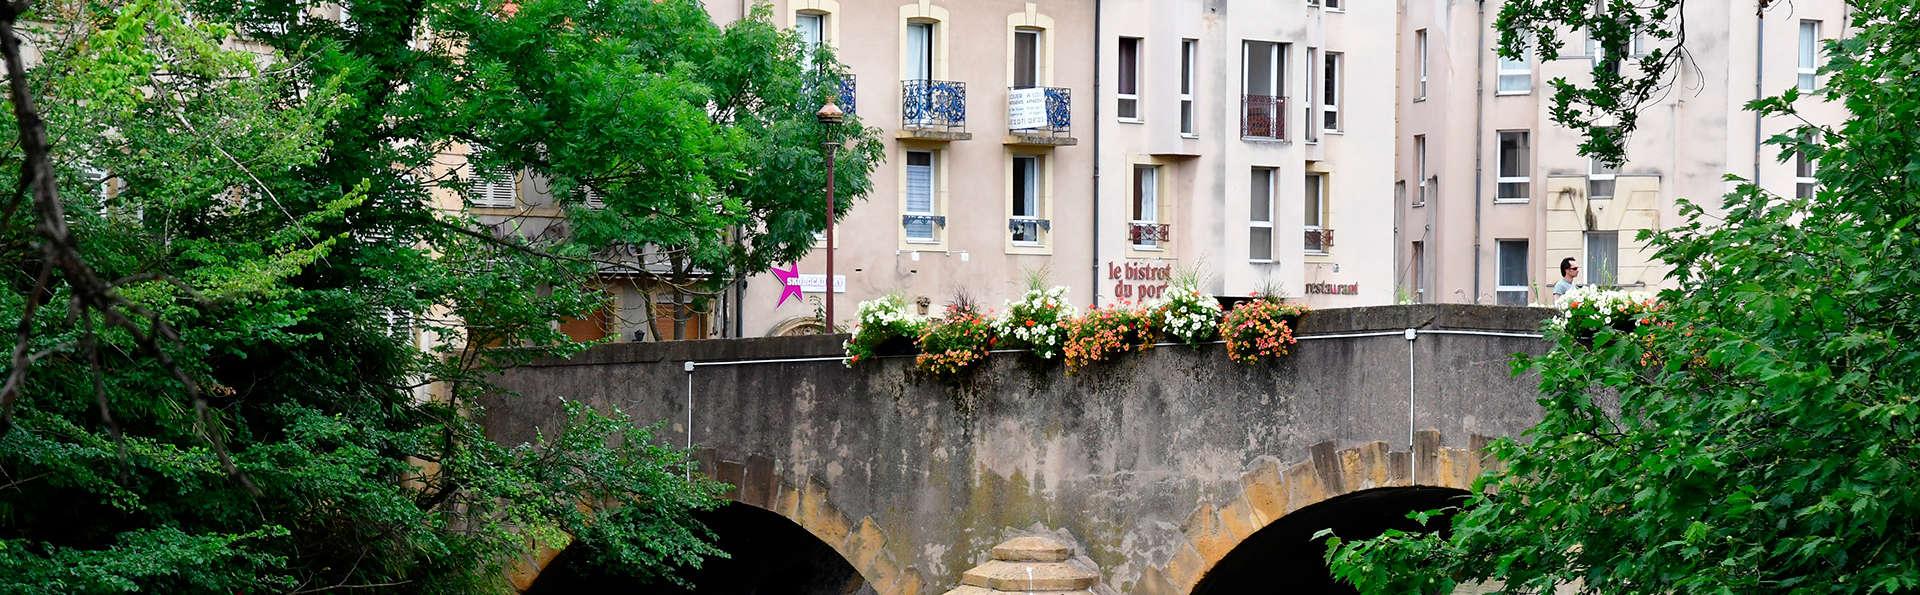 Hôtel La Citadelle Metz - MGallery - edit_metz2.jpg